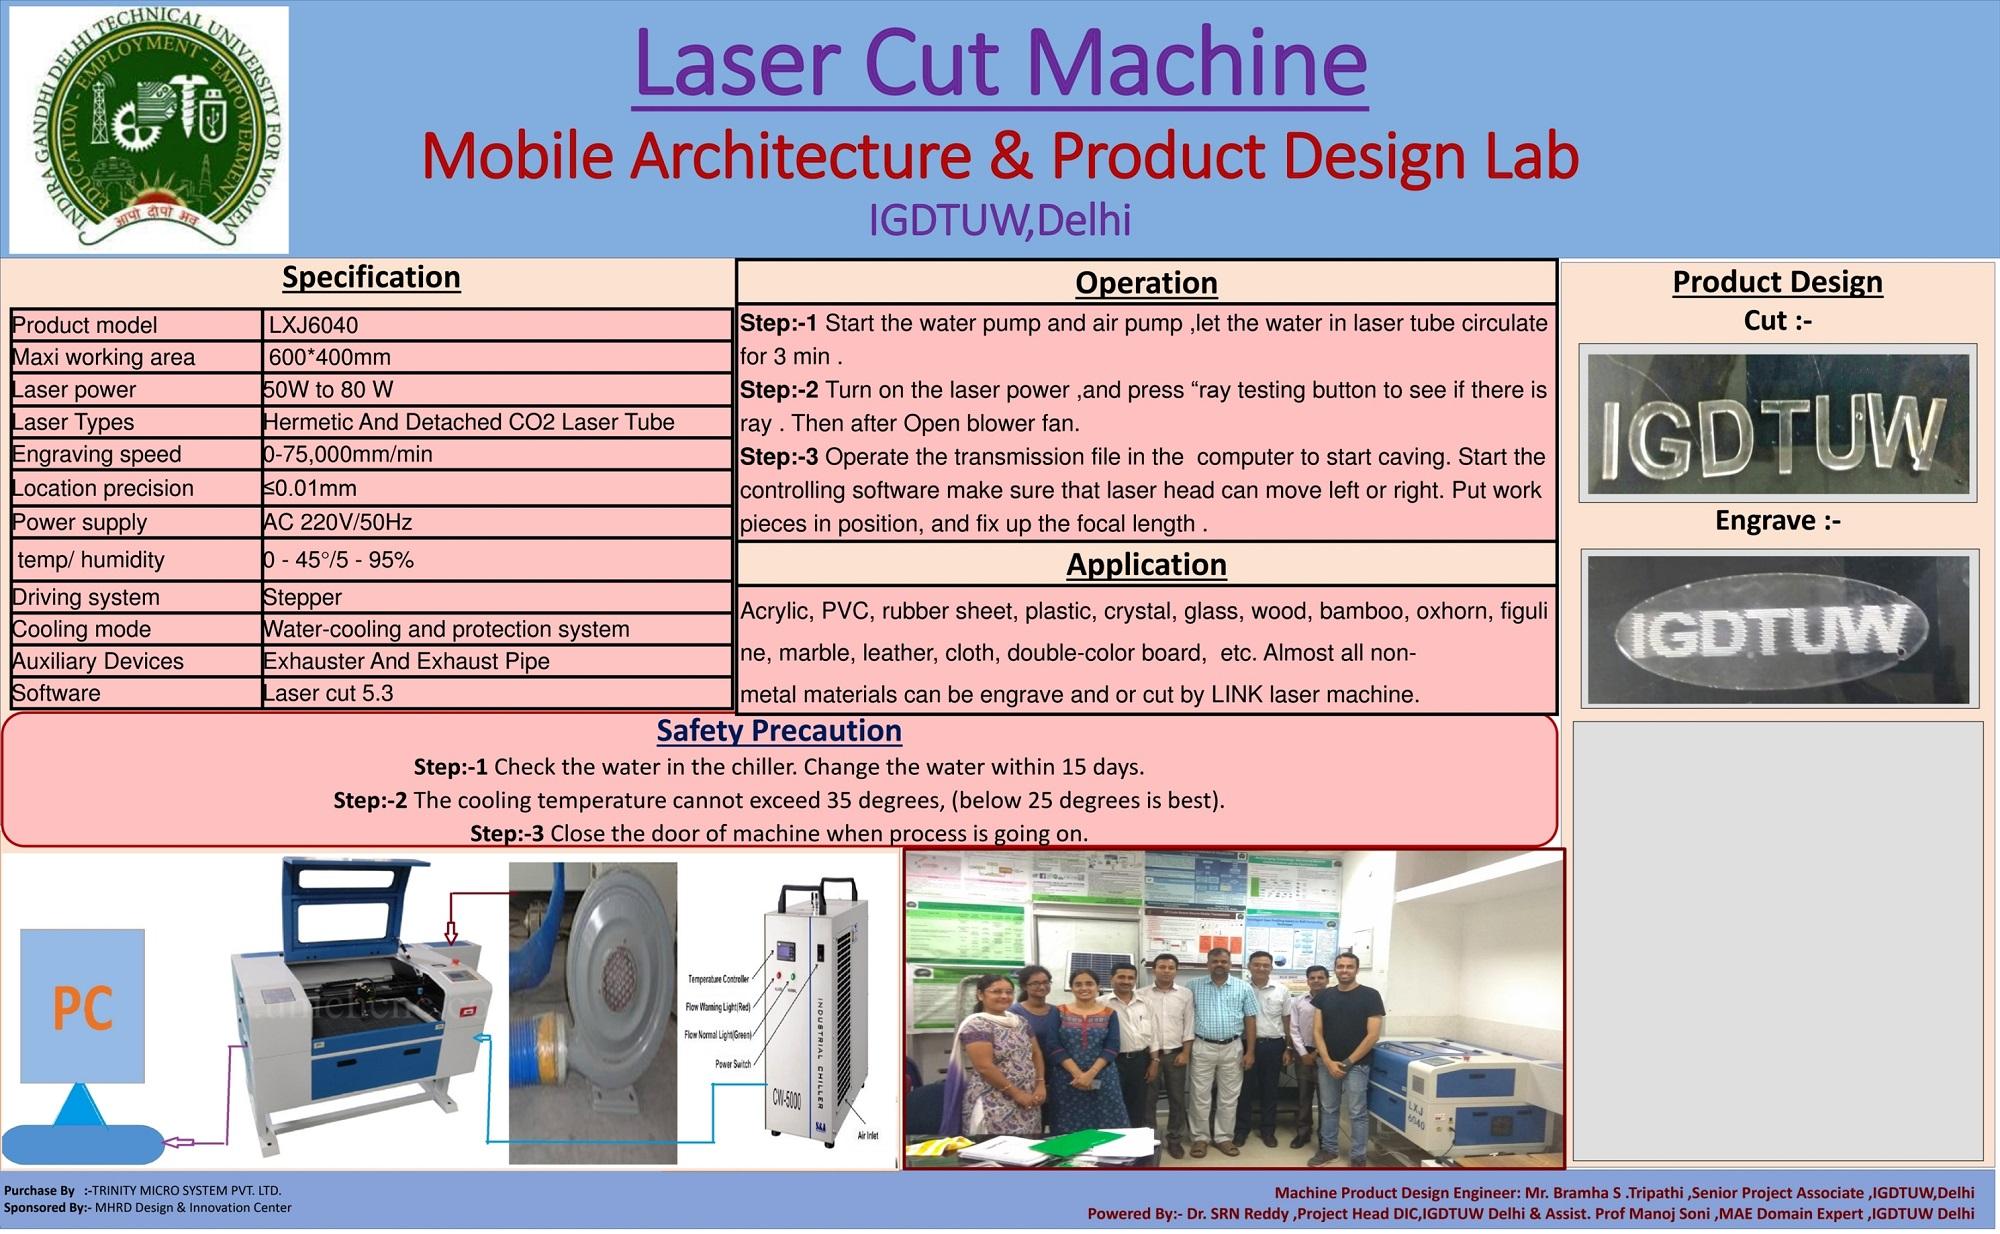 Design-Lab-poster-Laser-Cutting-Mavhine